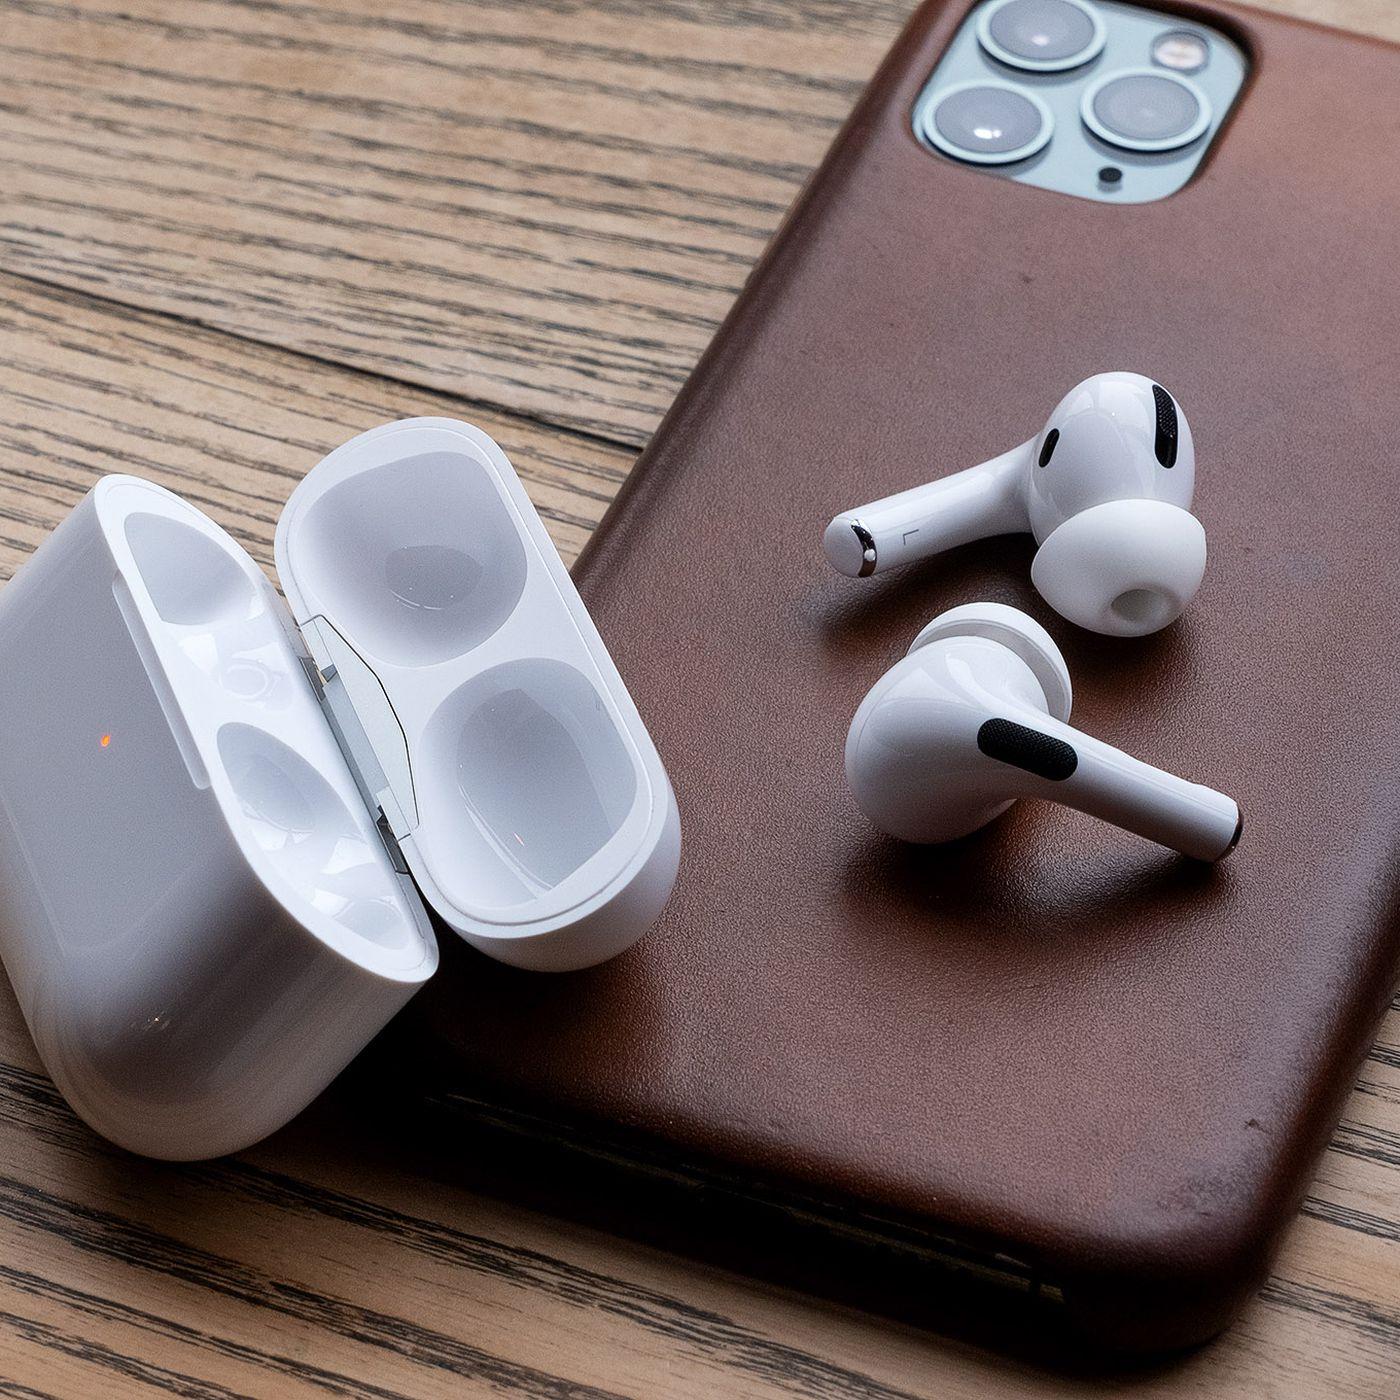 """Có 5 triệu chọn tai nghe True Wireless nào chất lượng cao, chống ồn """"xịn""""? - Ảnh 3."""